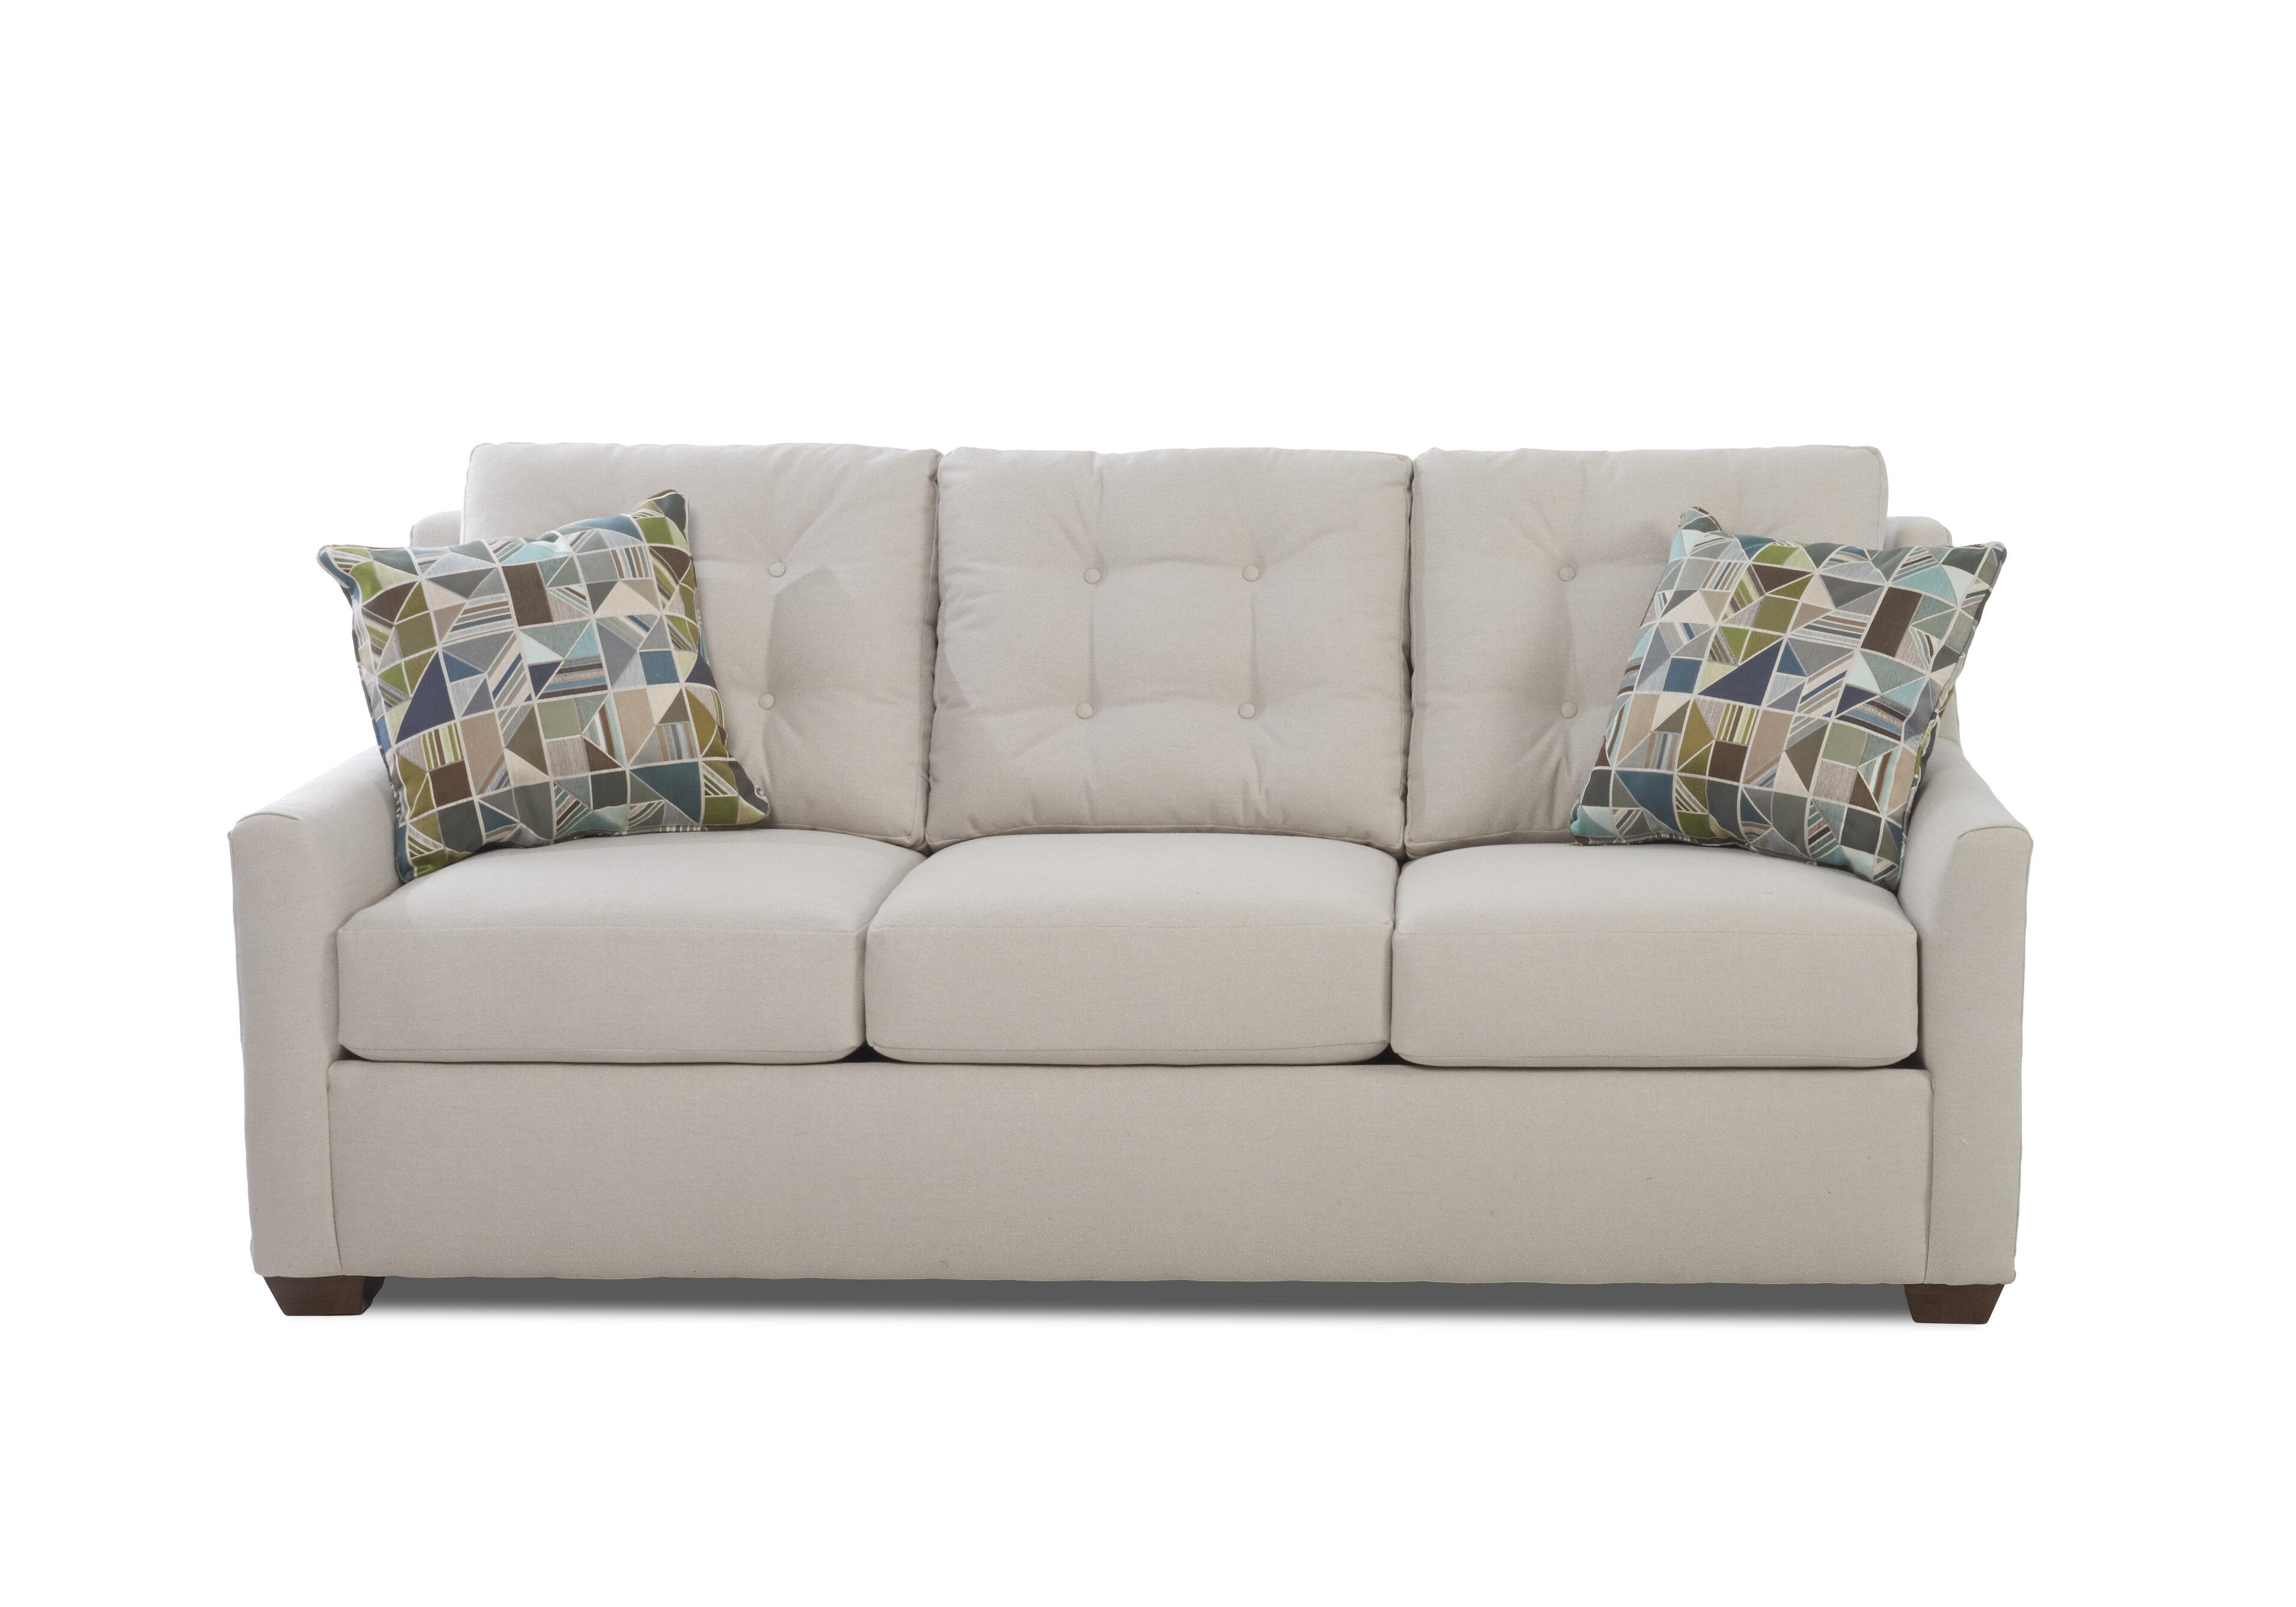 Selene Dreamquest Queen Sofa Bed